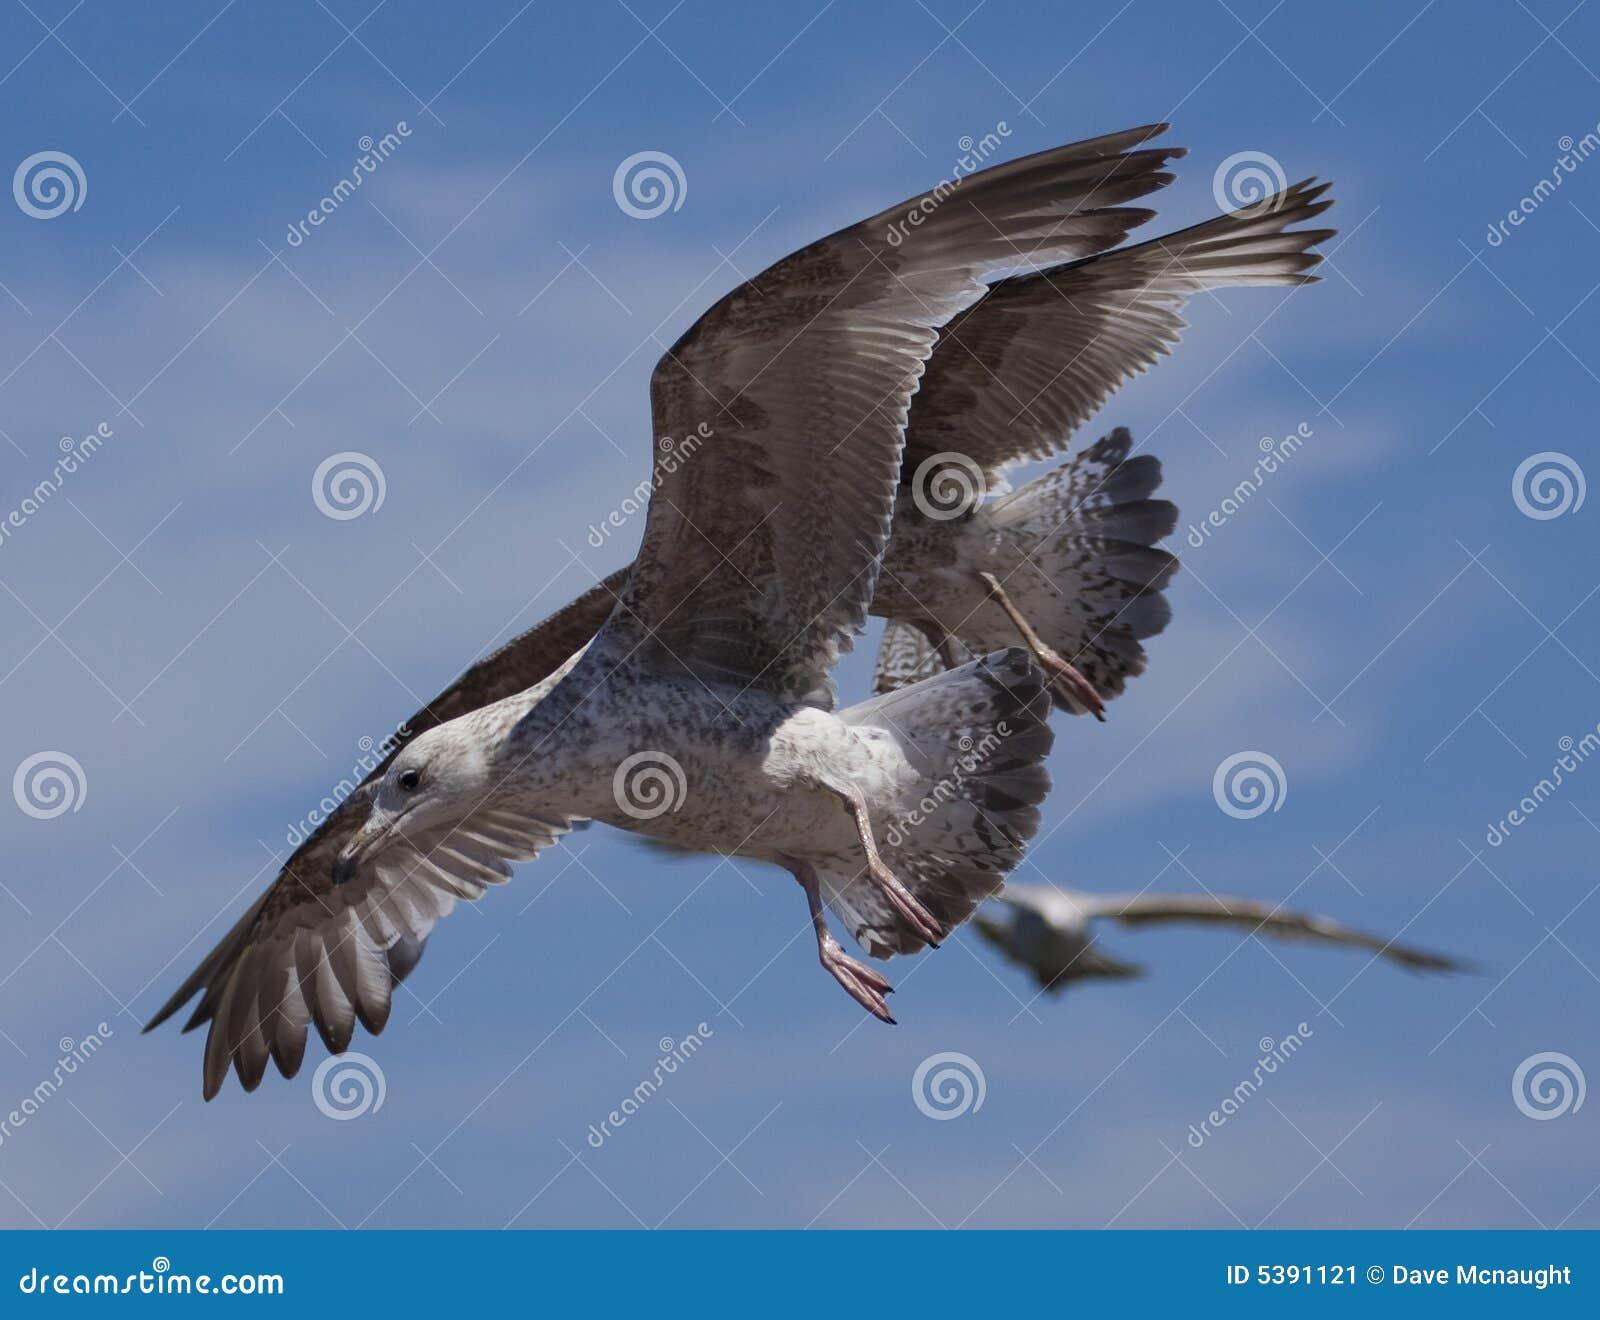 Pássaros da gaivota no vôo